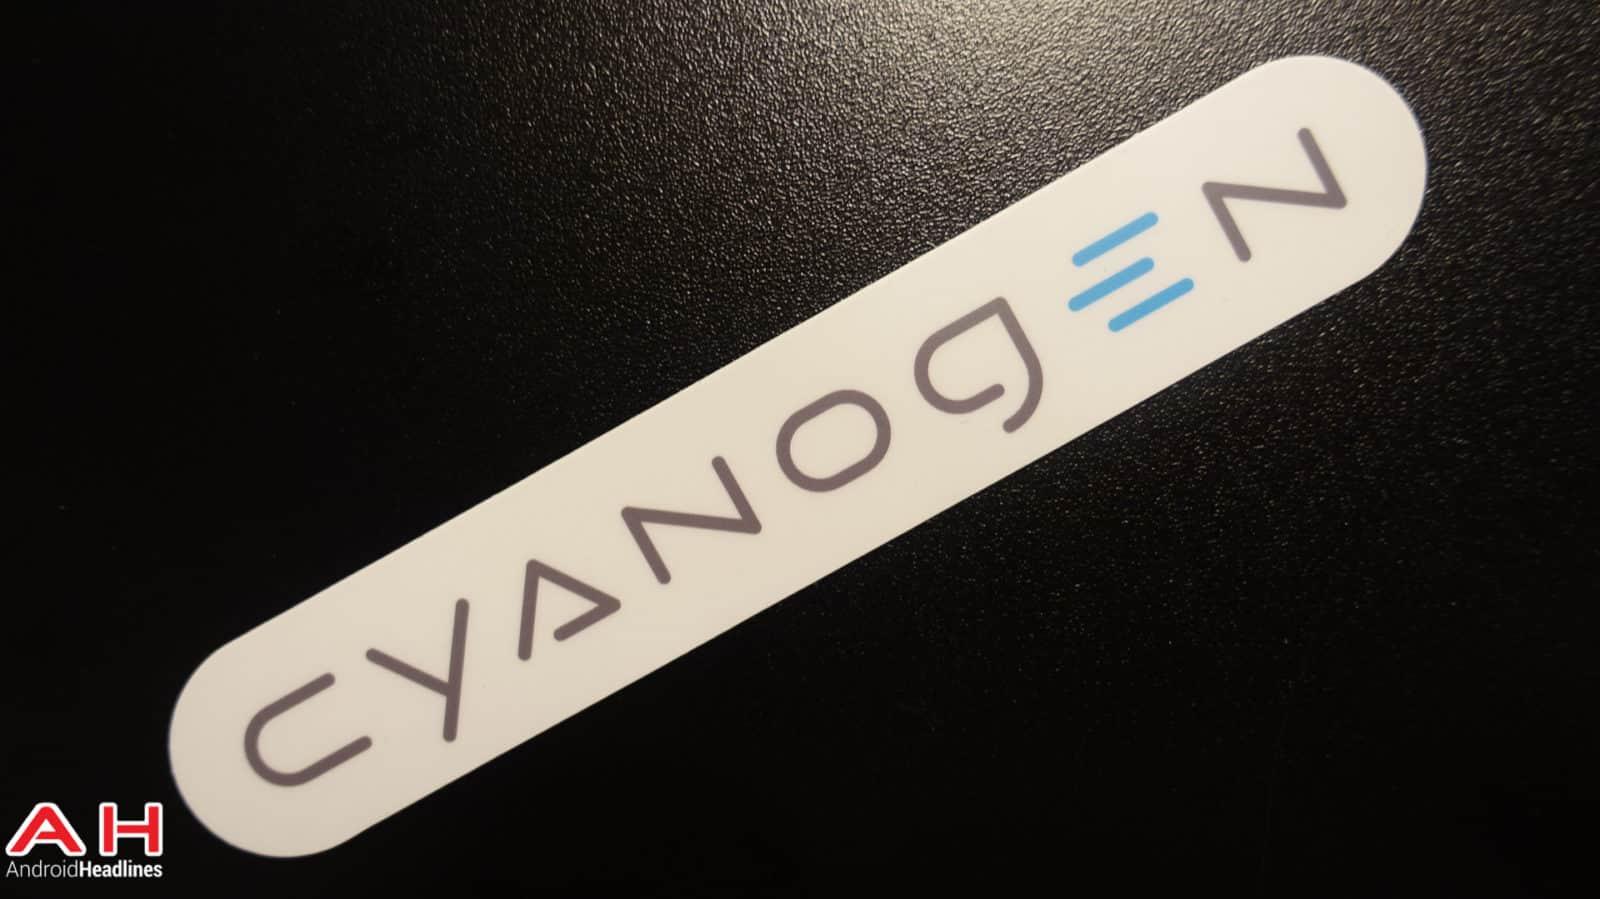 Cyanogen-Logo-AH2